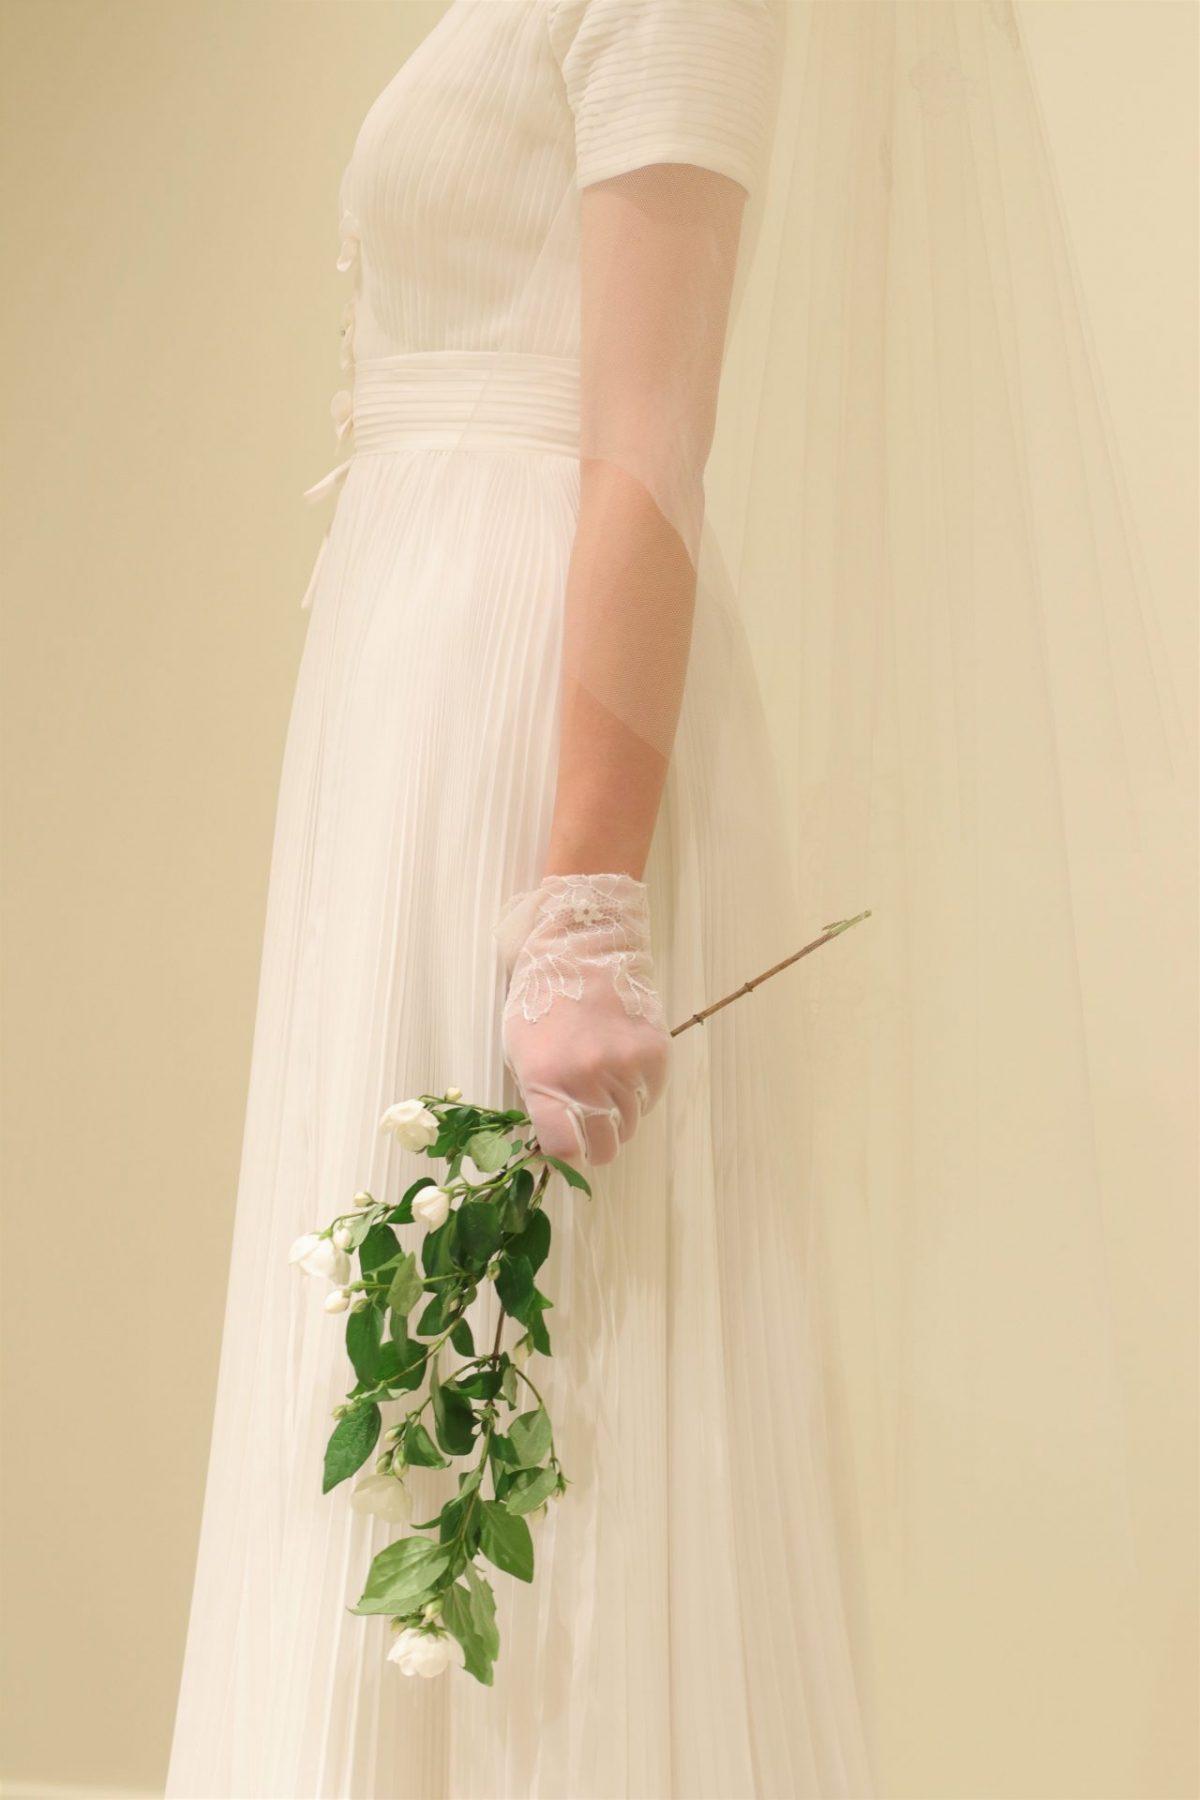 結婚式に集う誰もがうっとりと神聖な空気に包まれる挙式のスタイルは選ばれたドレスだけでなく、ベールやグローブ、ブーケなどのコーディネートで大きく印象が変わります